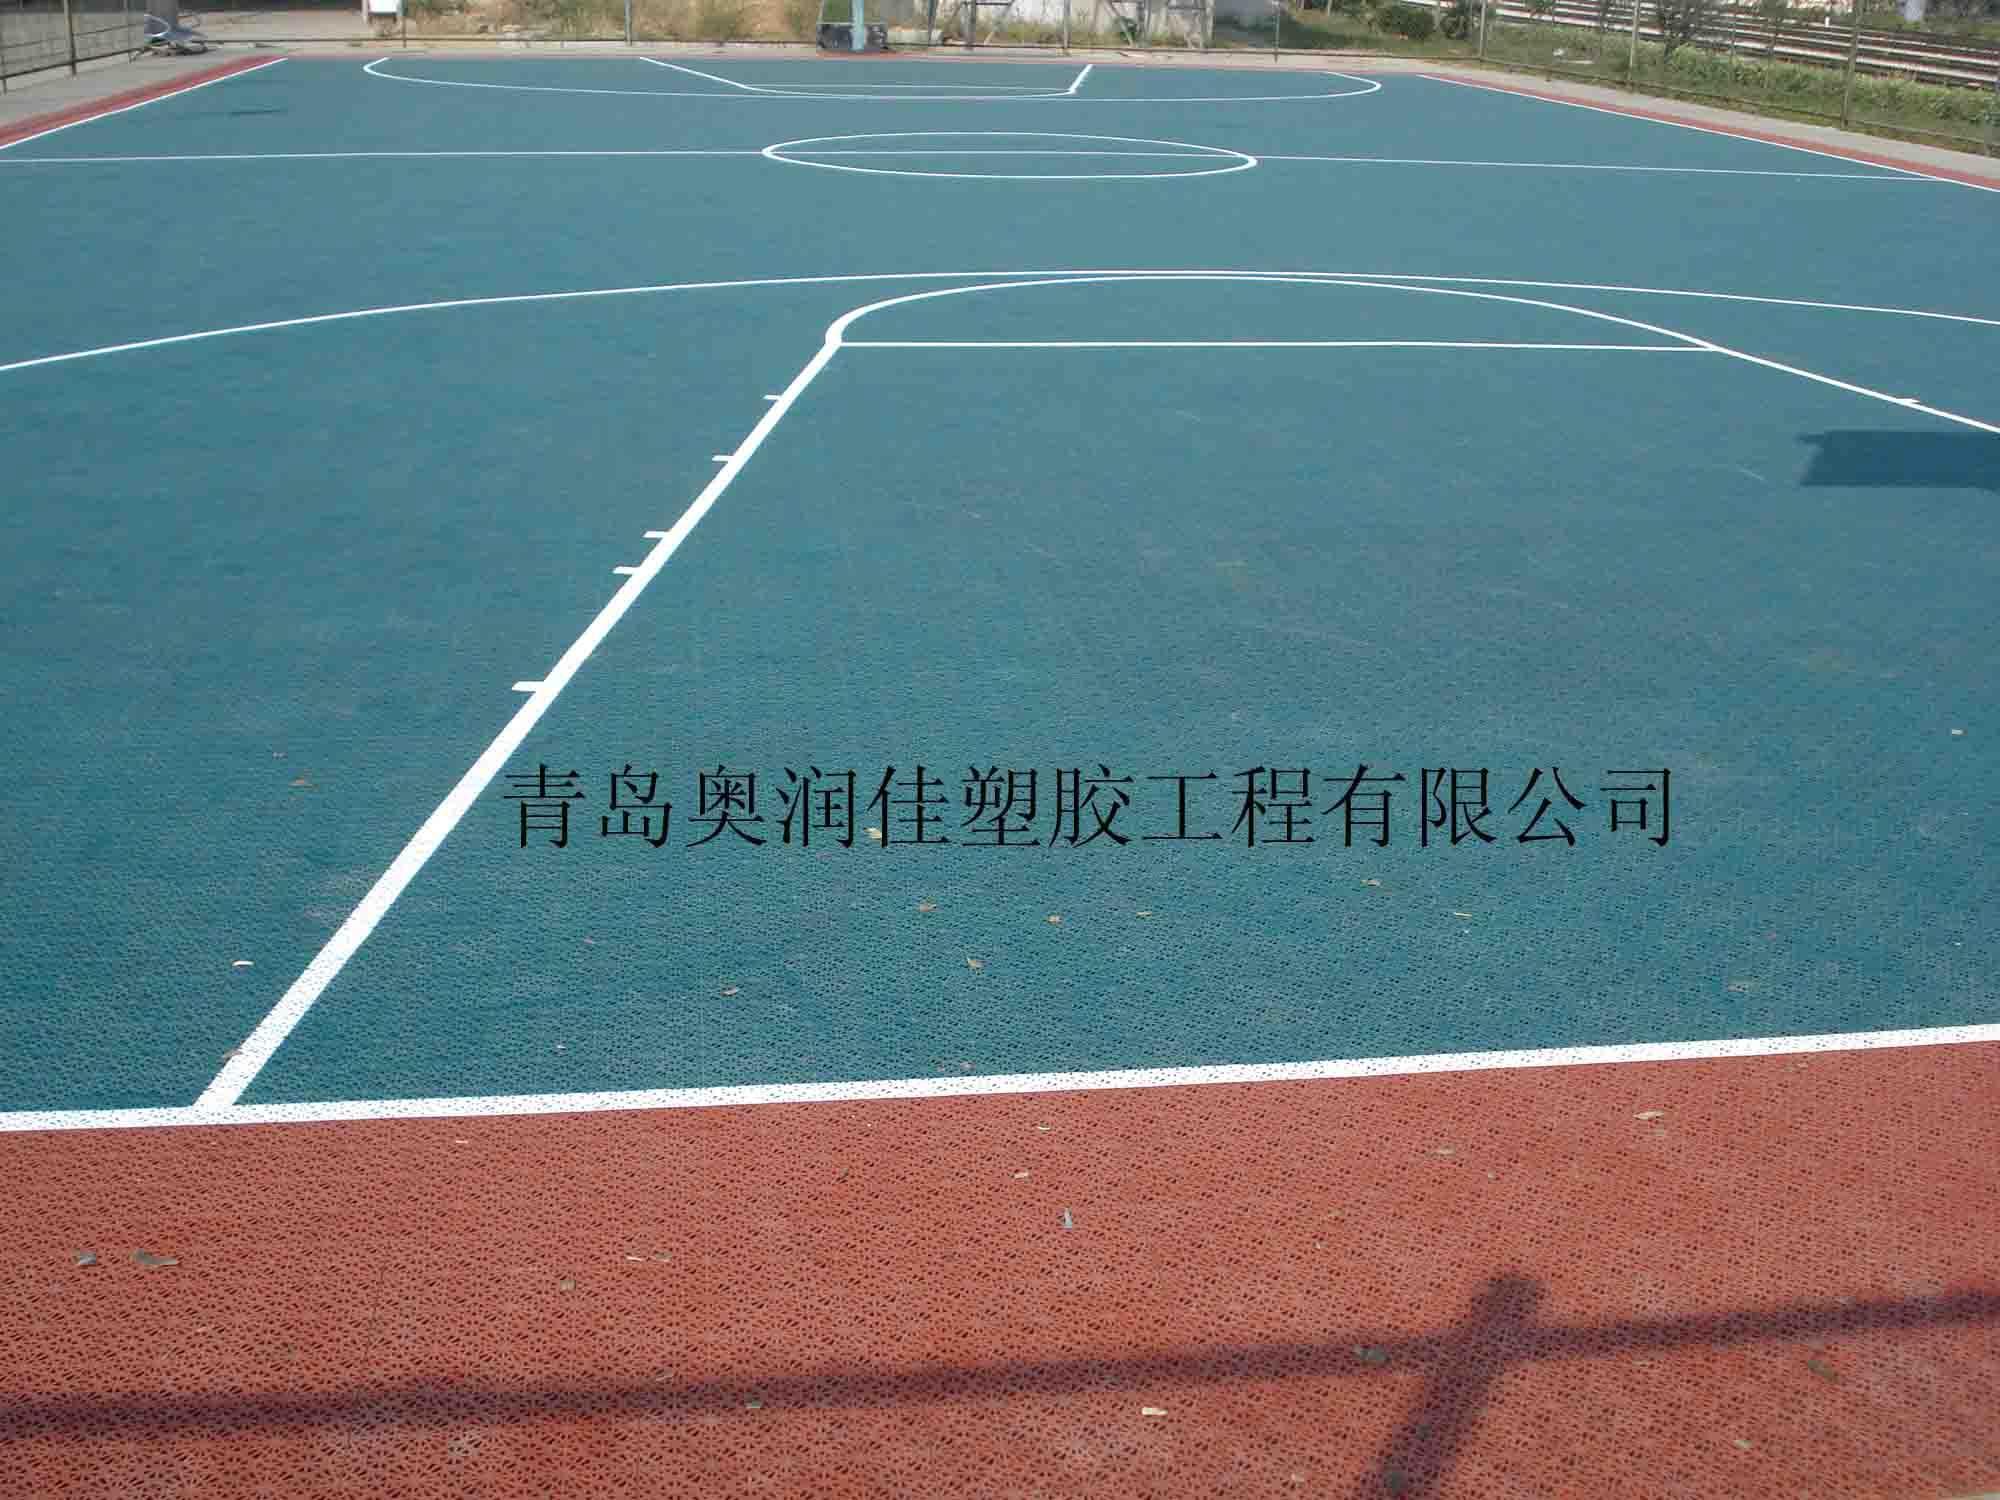 青島拼裝地板-懸浮地板-拼裝籃球場地板